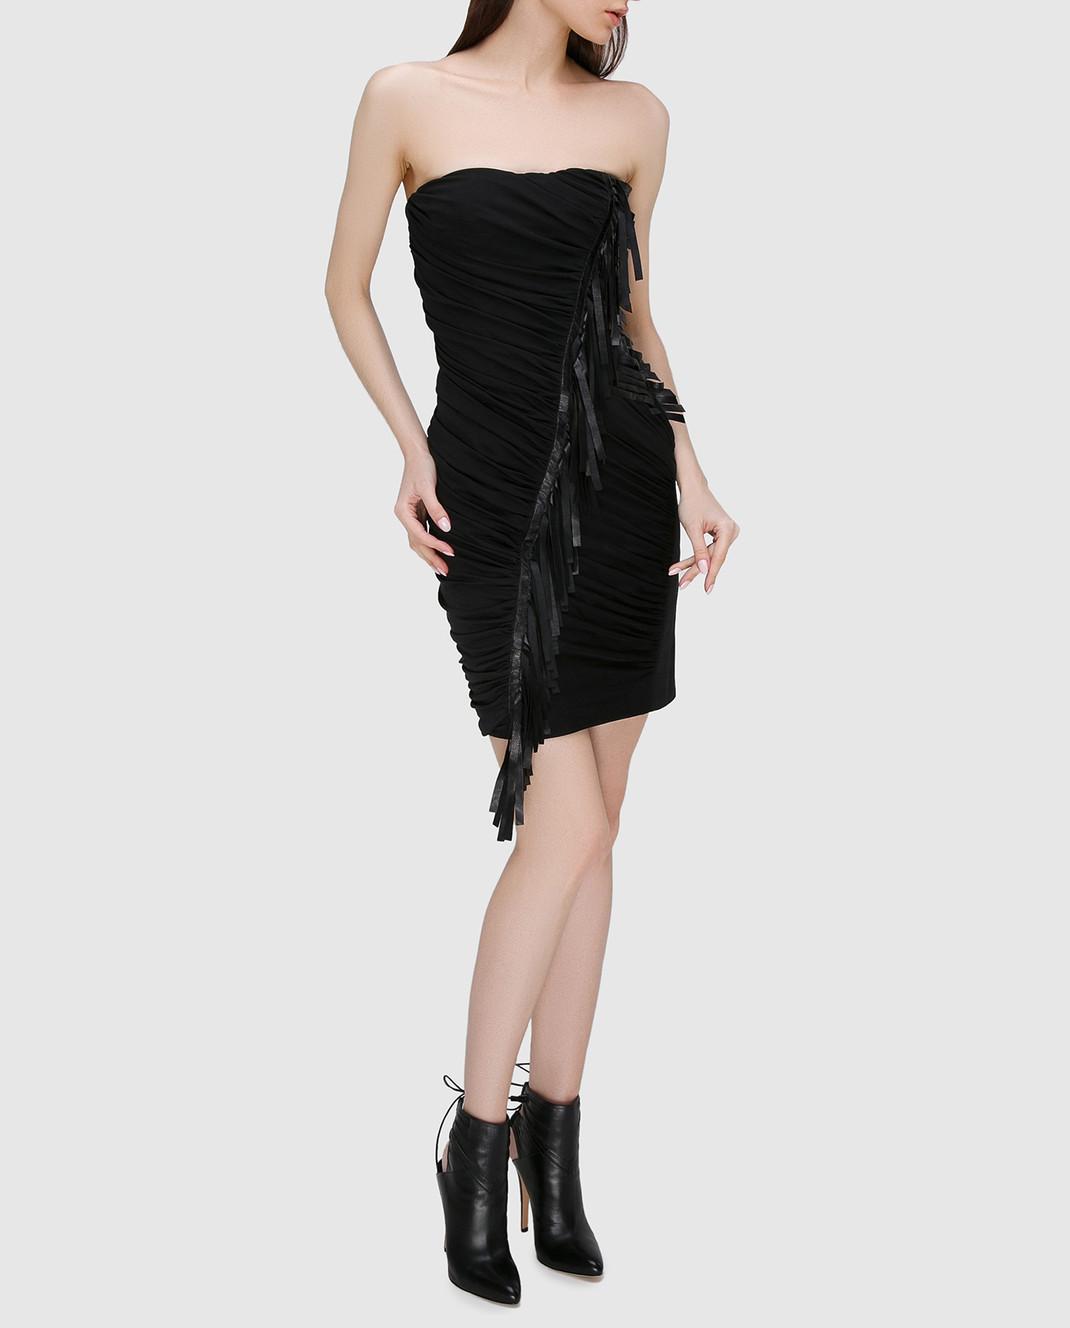 Черное платье из драпированного шелка с деталями из кожи Blumarine 58465 — Symbol